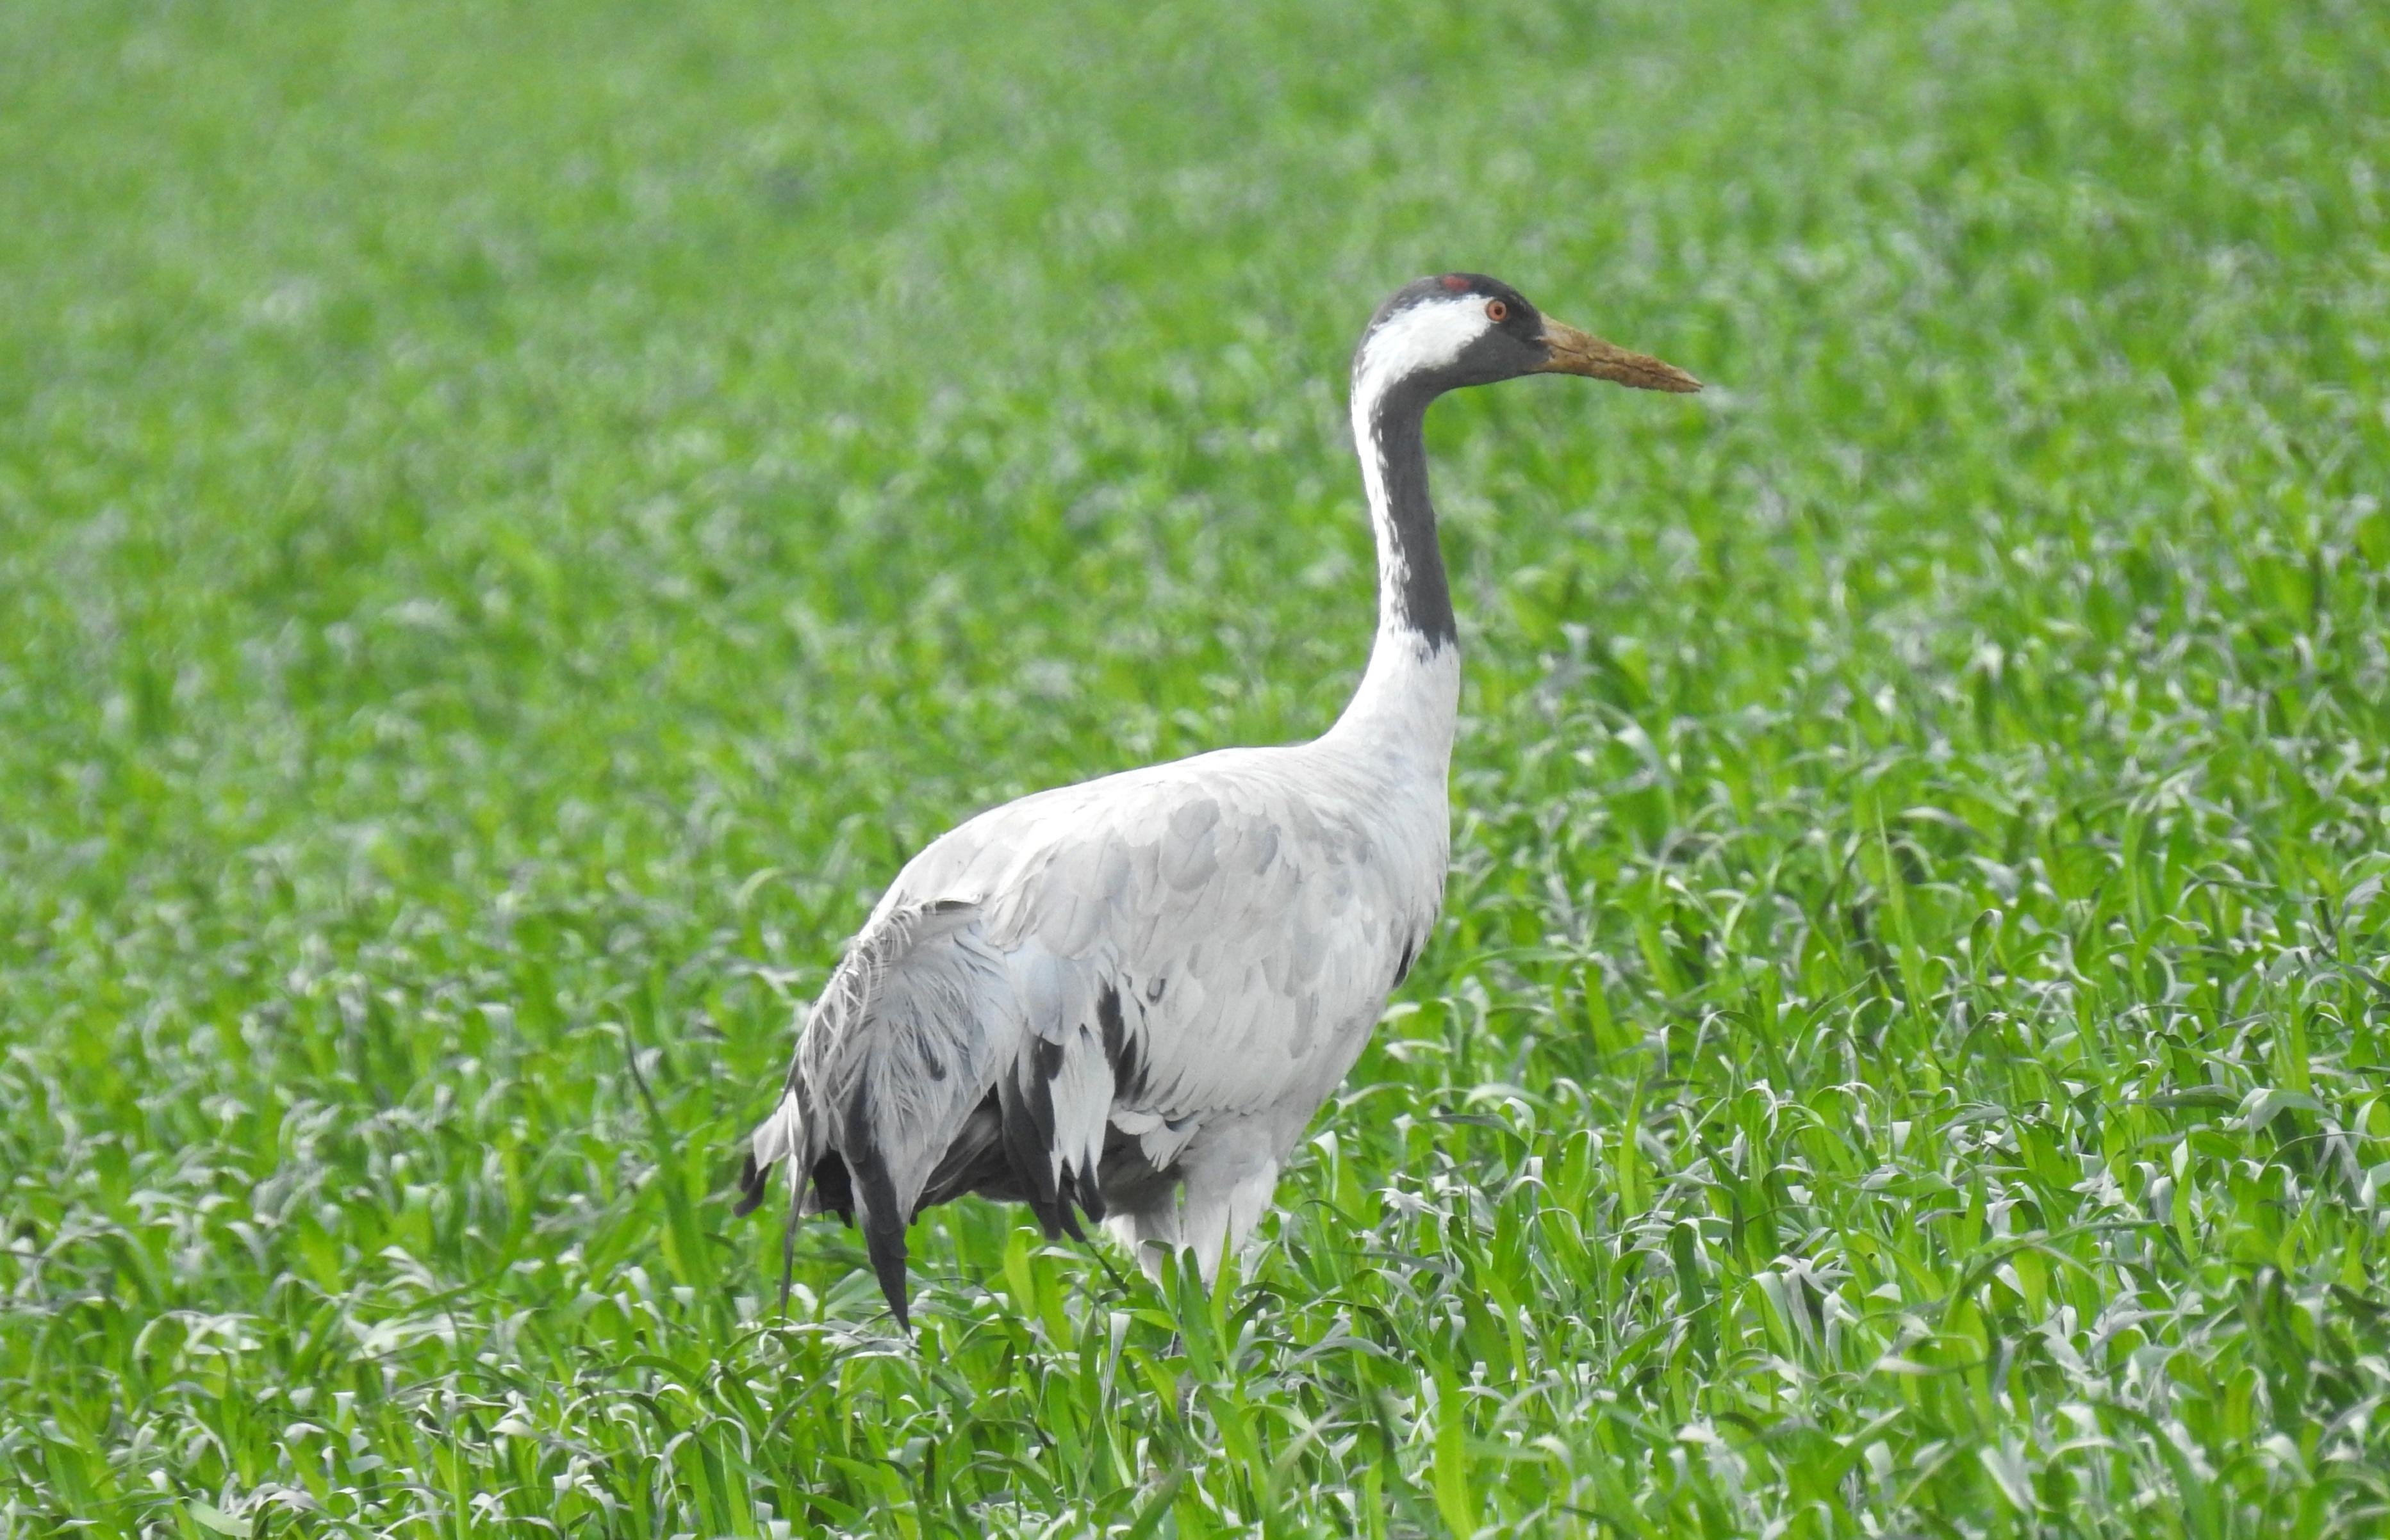 A crane in the fields